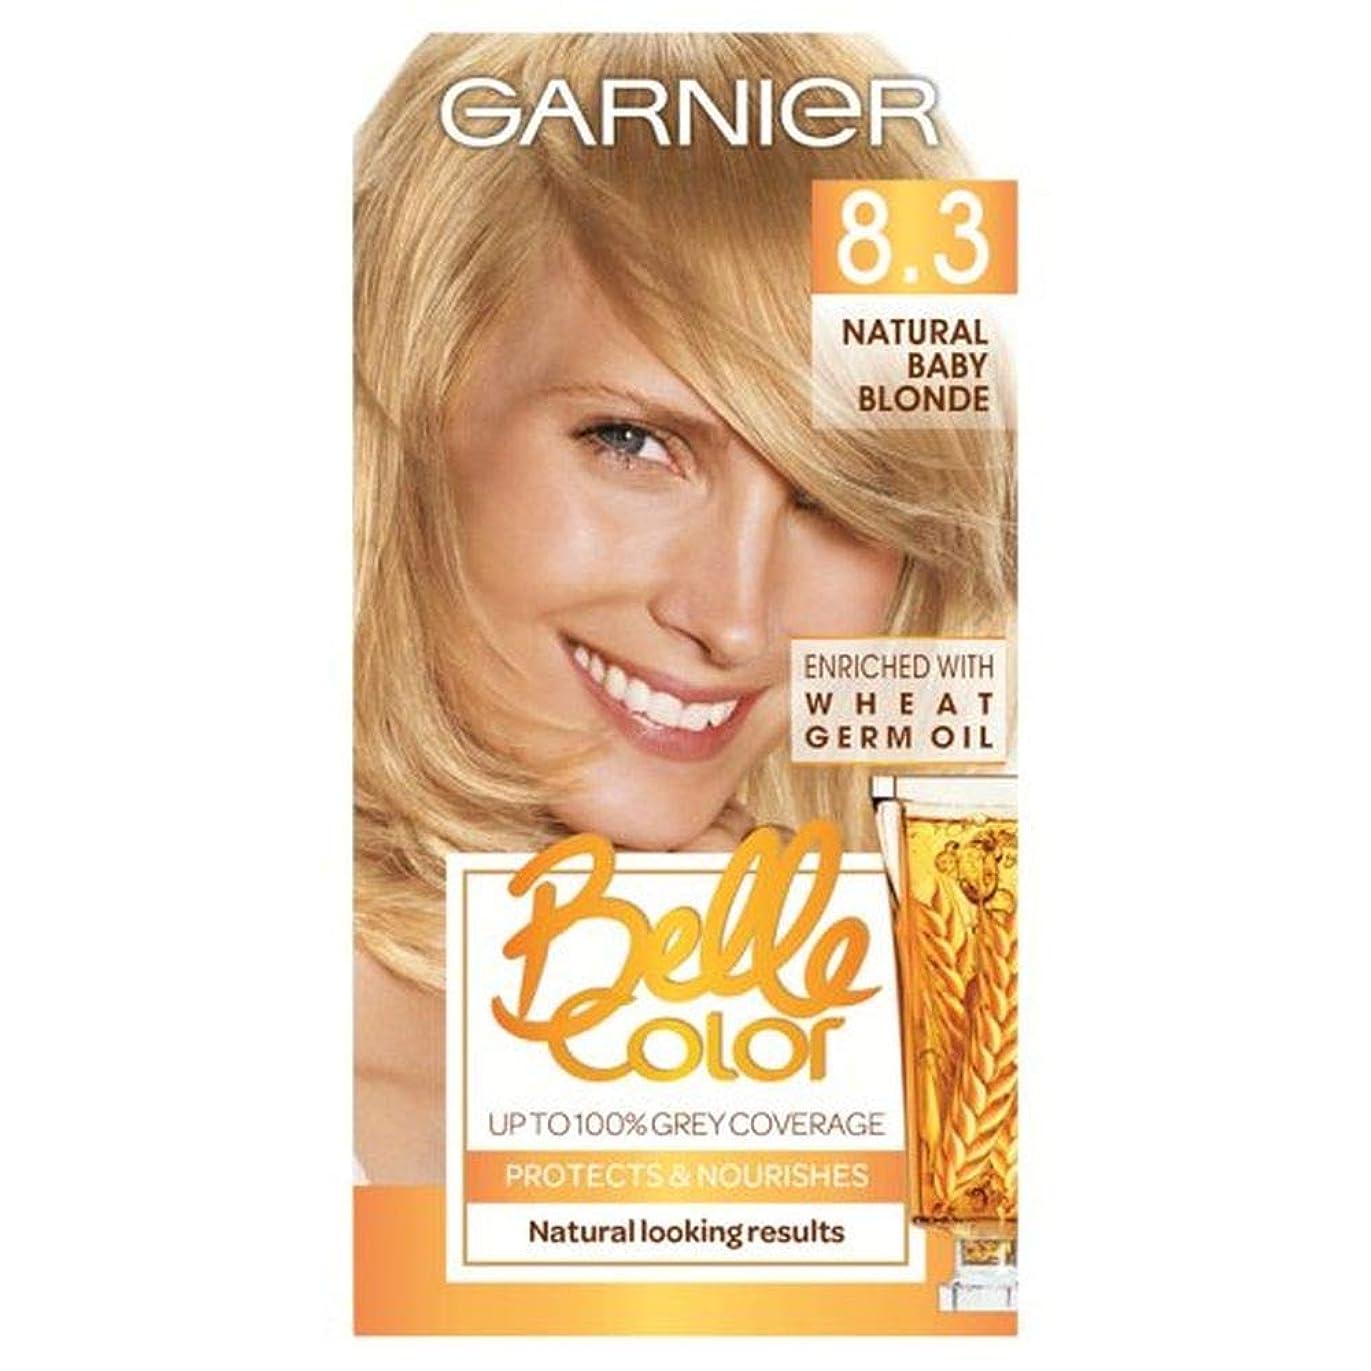 負貸し手もし[Belle Color ] ガーン/ベル/Clr 8.3自然な赤ん坊ブロンドの永久染毛剤 - Garn/Bel/Clr 8.3 Natural Baby Blonde Permanent Hair Dye [並行輸入品]